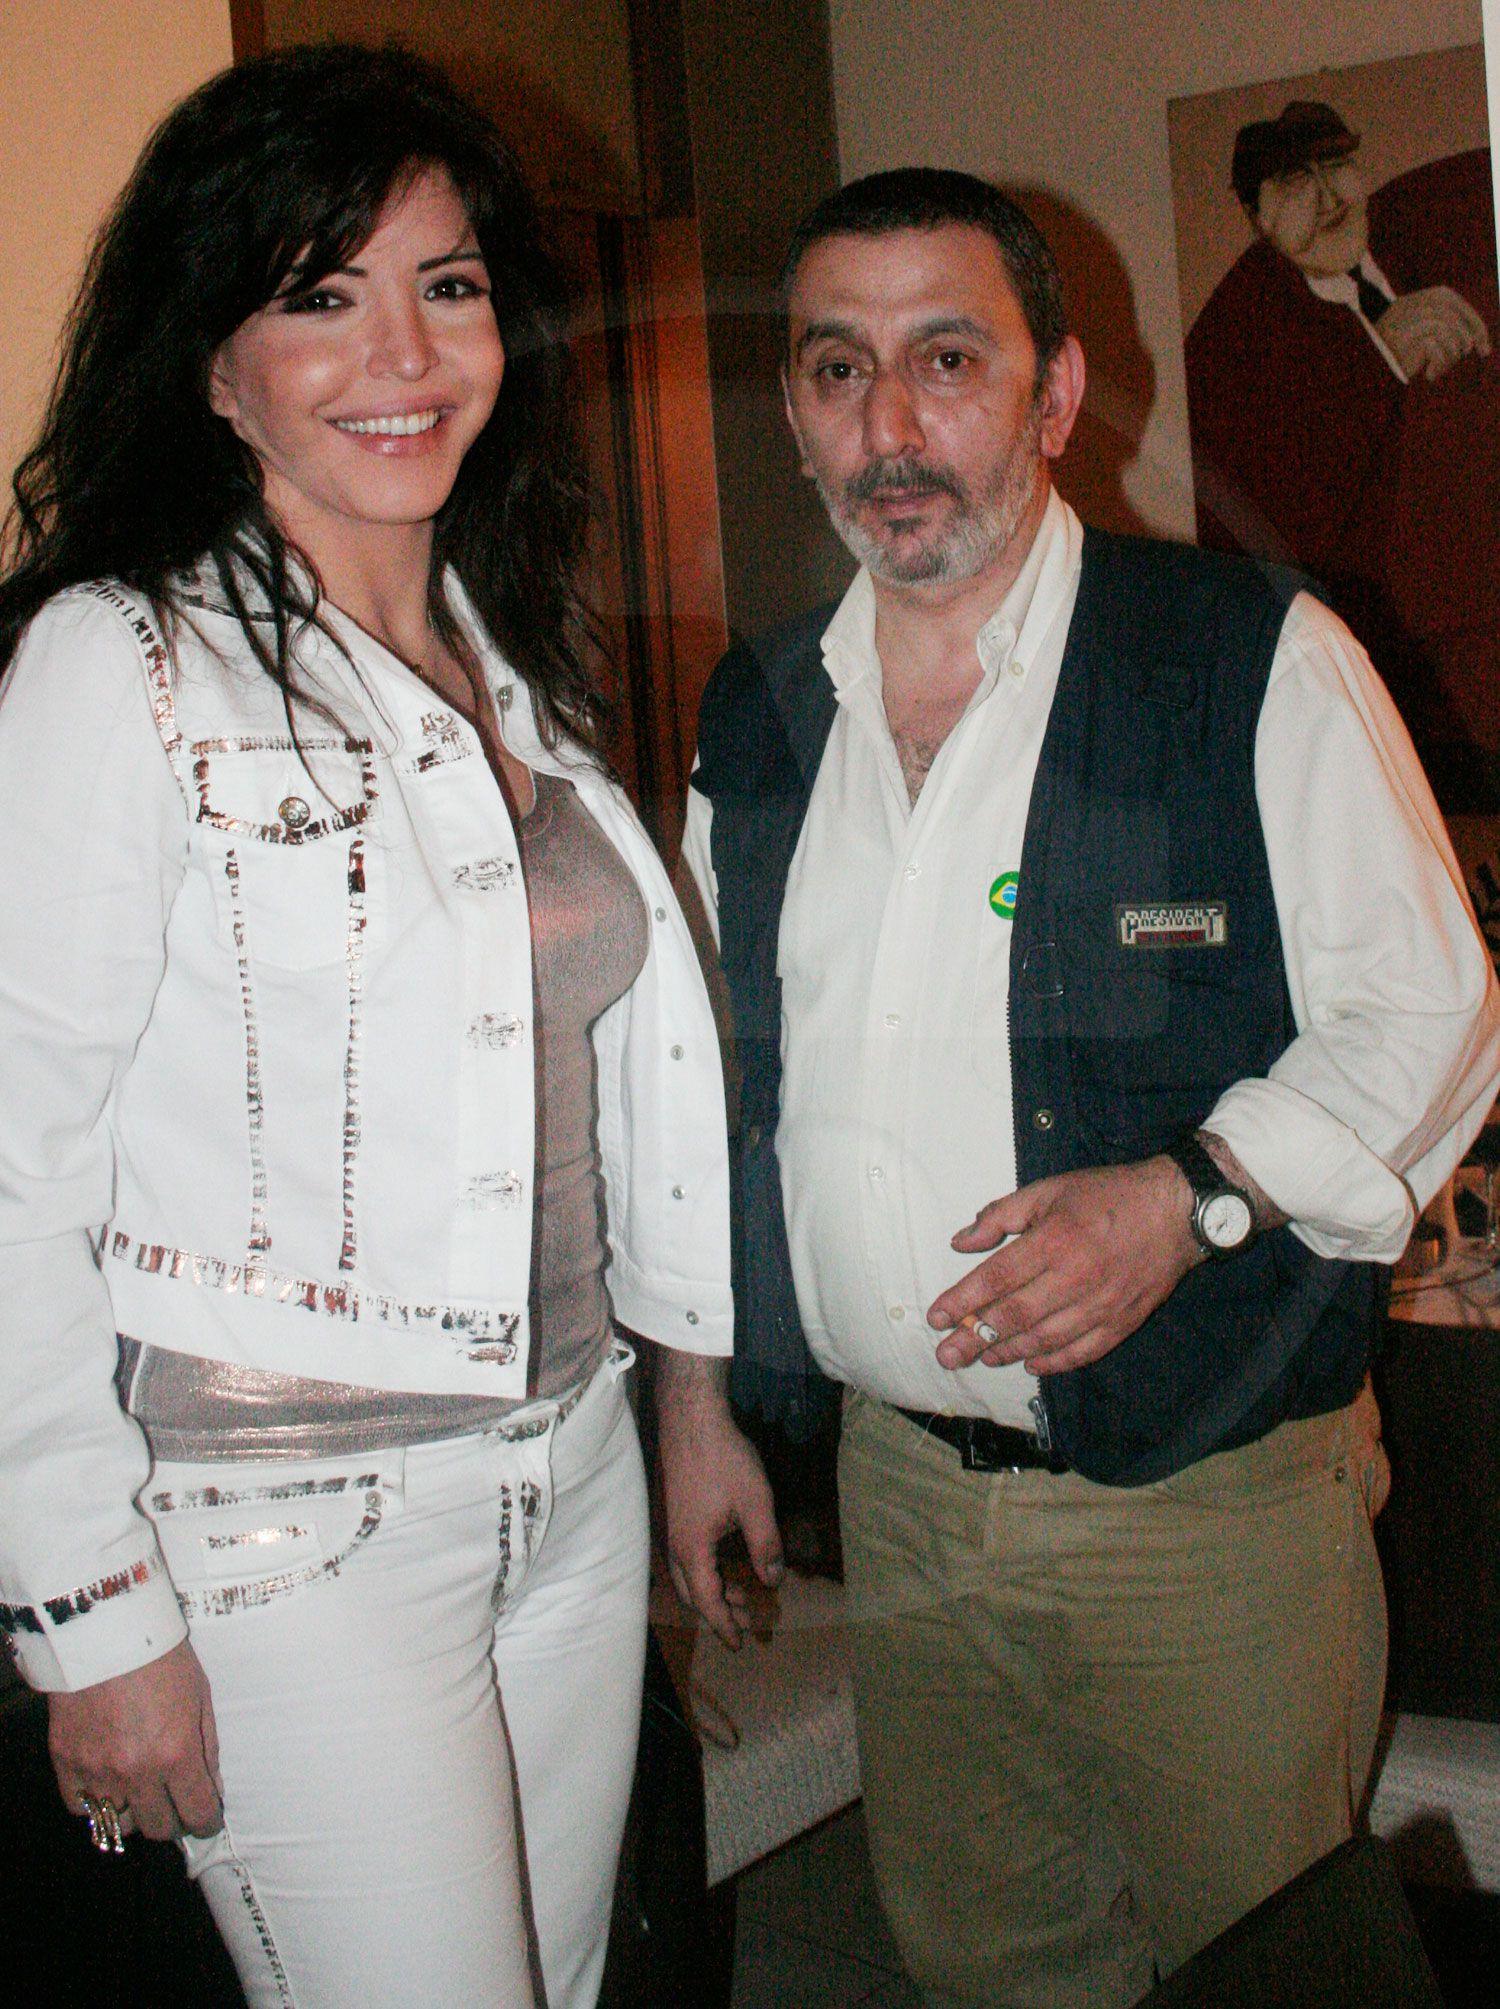 زياد الرحباني وريما نجيم في الشايز الأشرفية كانا يحتسيان القهوة عام 2003 وتذكرني الصور بالزميلة المصورة، الشهيدة ليال نجيب وتطول القصة